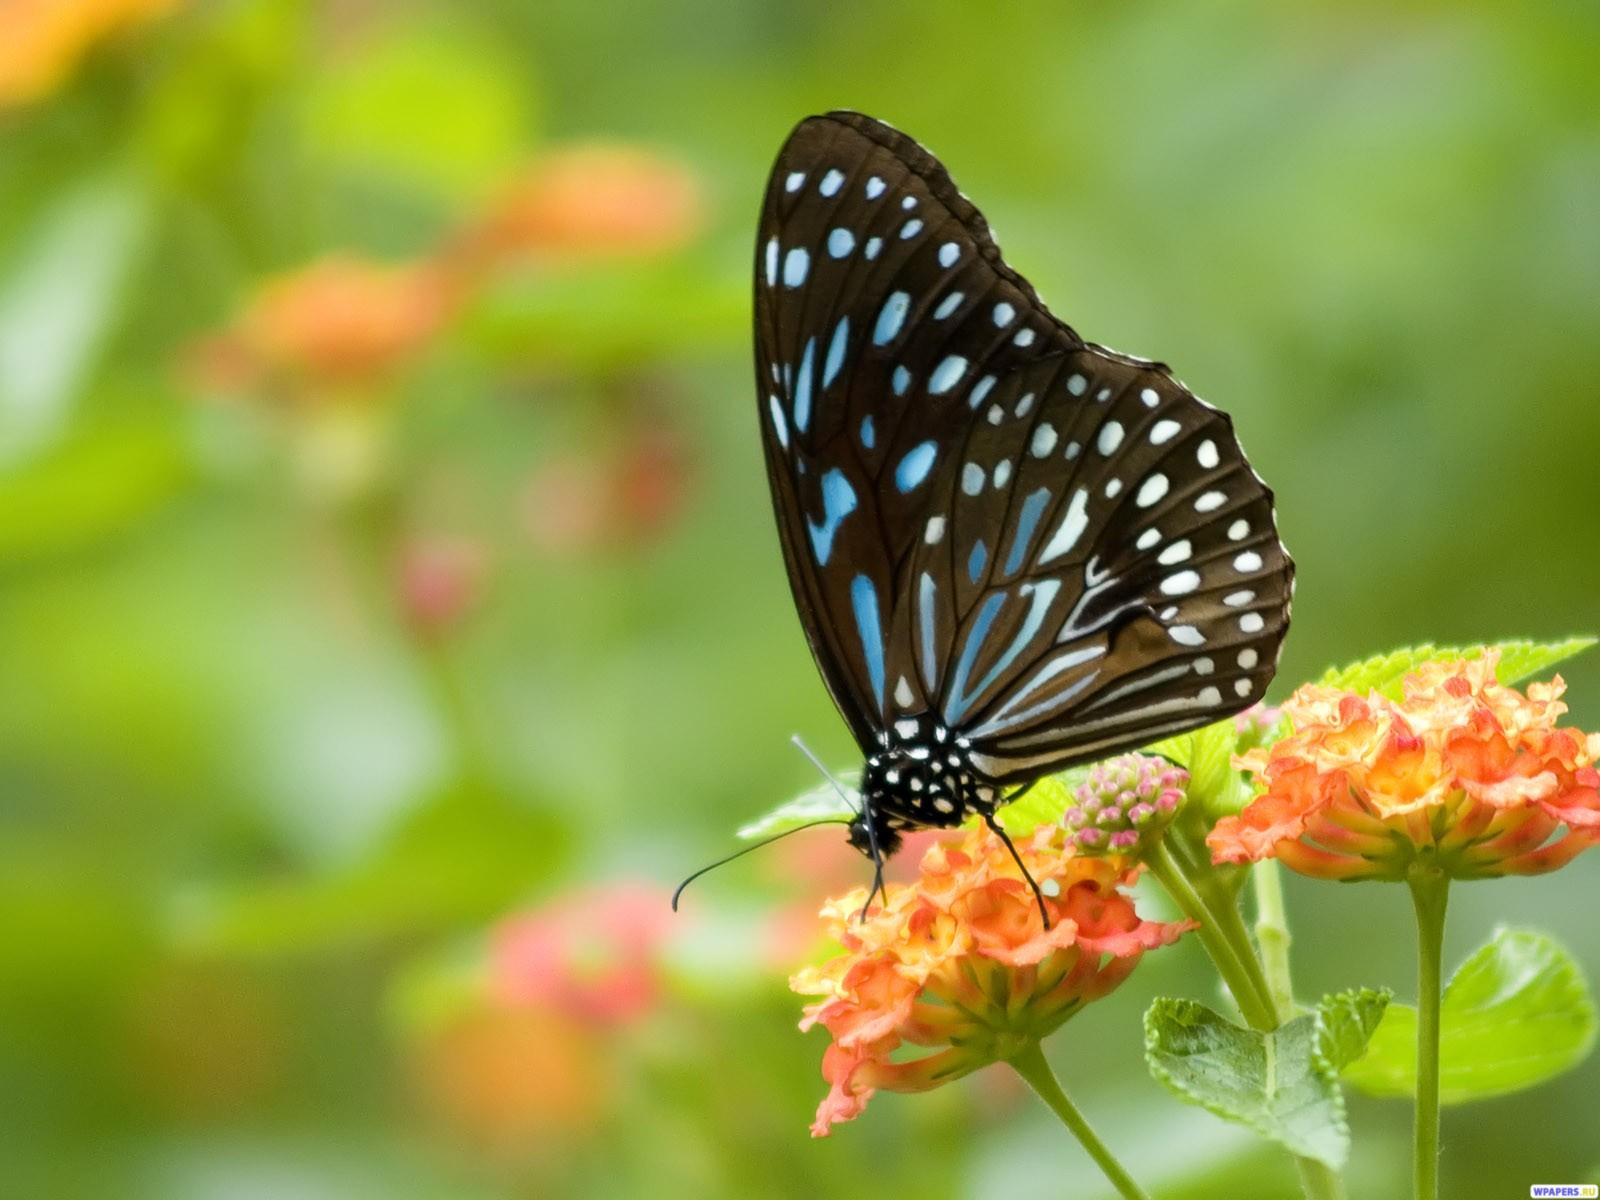 http://3.bp.blogspot.com/-kWK8arrPbk8/UKY3POfBYwI/AAAAAAAAKLA/9a6bPHRFkaw/s1600/Sweat+Black+Butterfly+Wallpaper.jpg